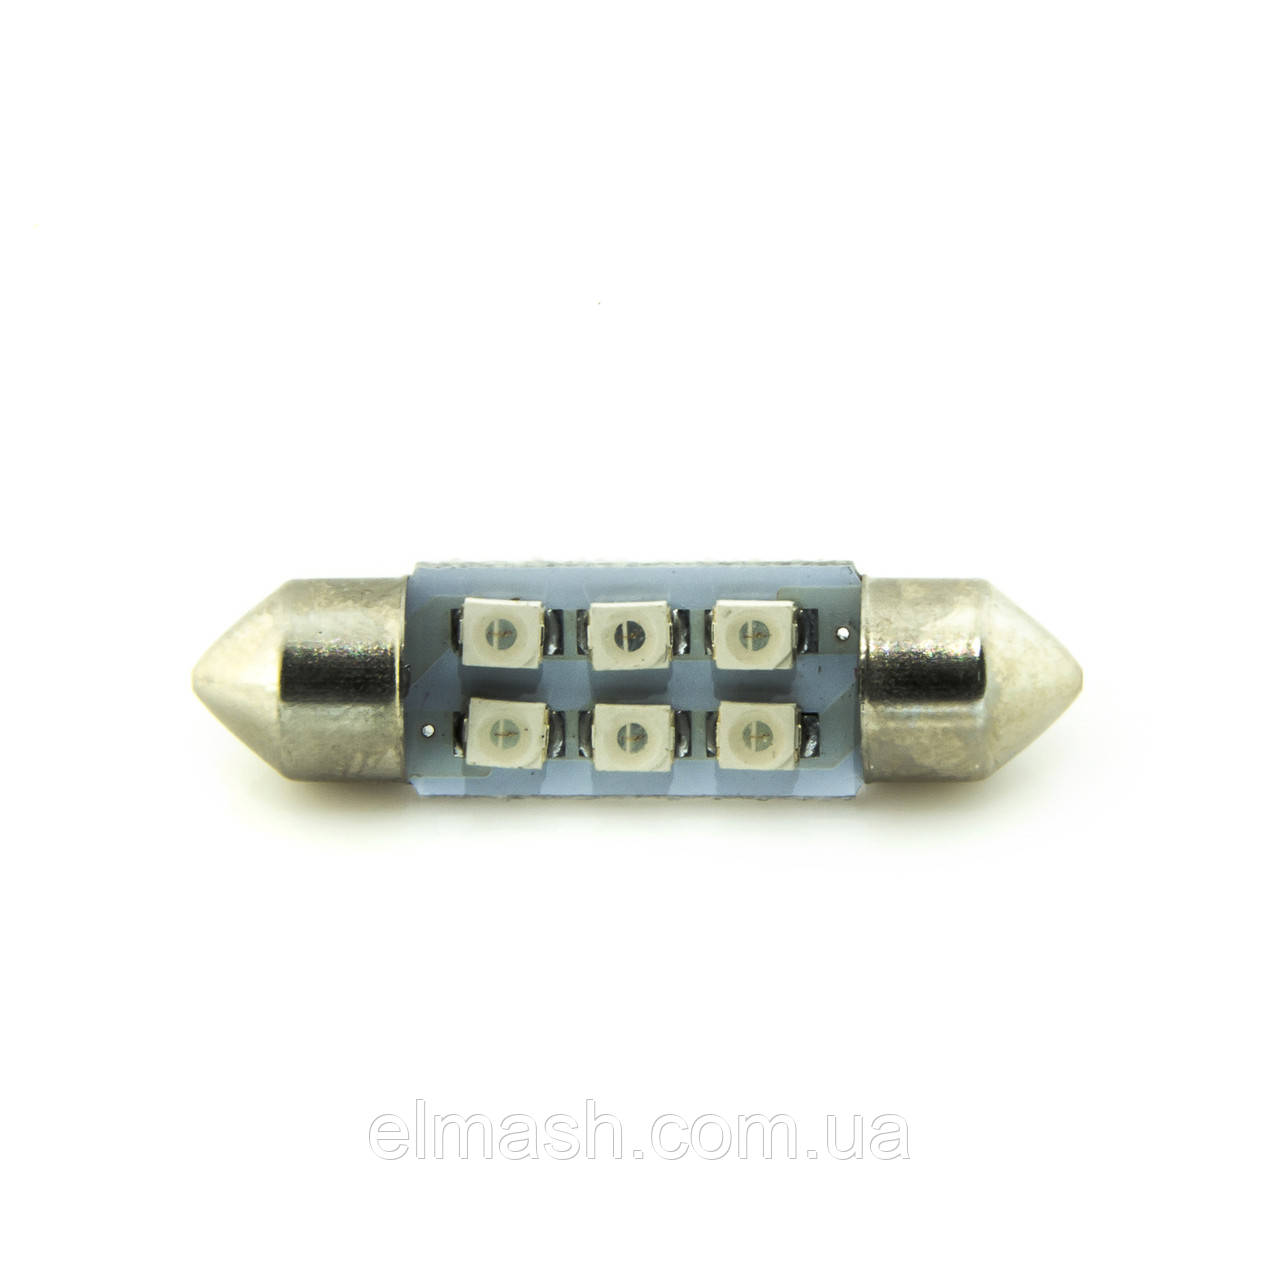 Лампа LED 12V AC (C5W) 6SMD 3528 36мм СИНИЙ